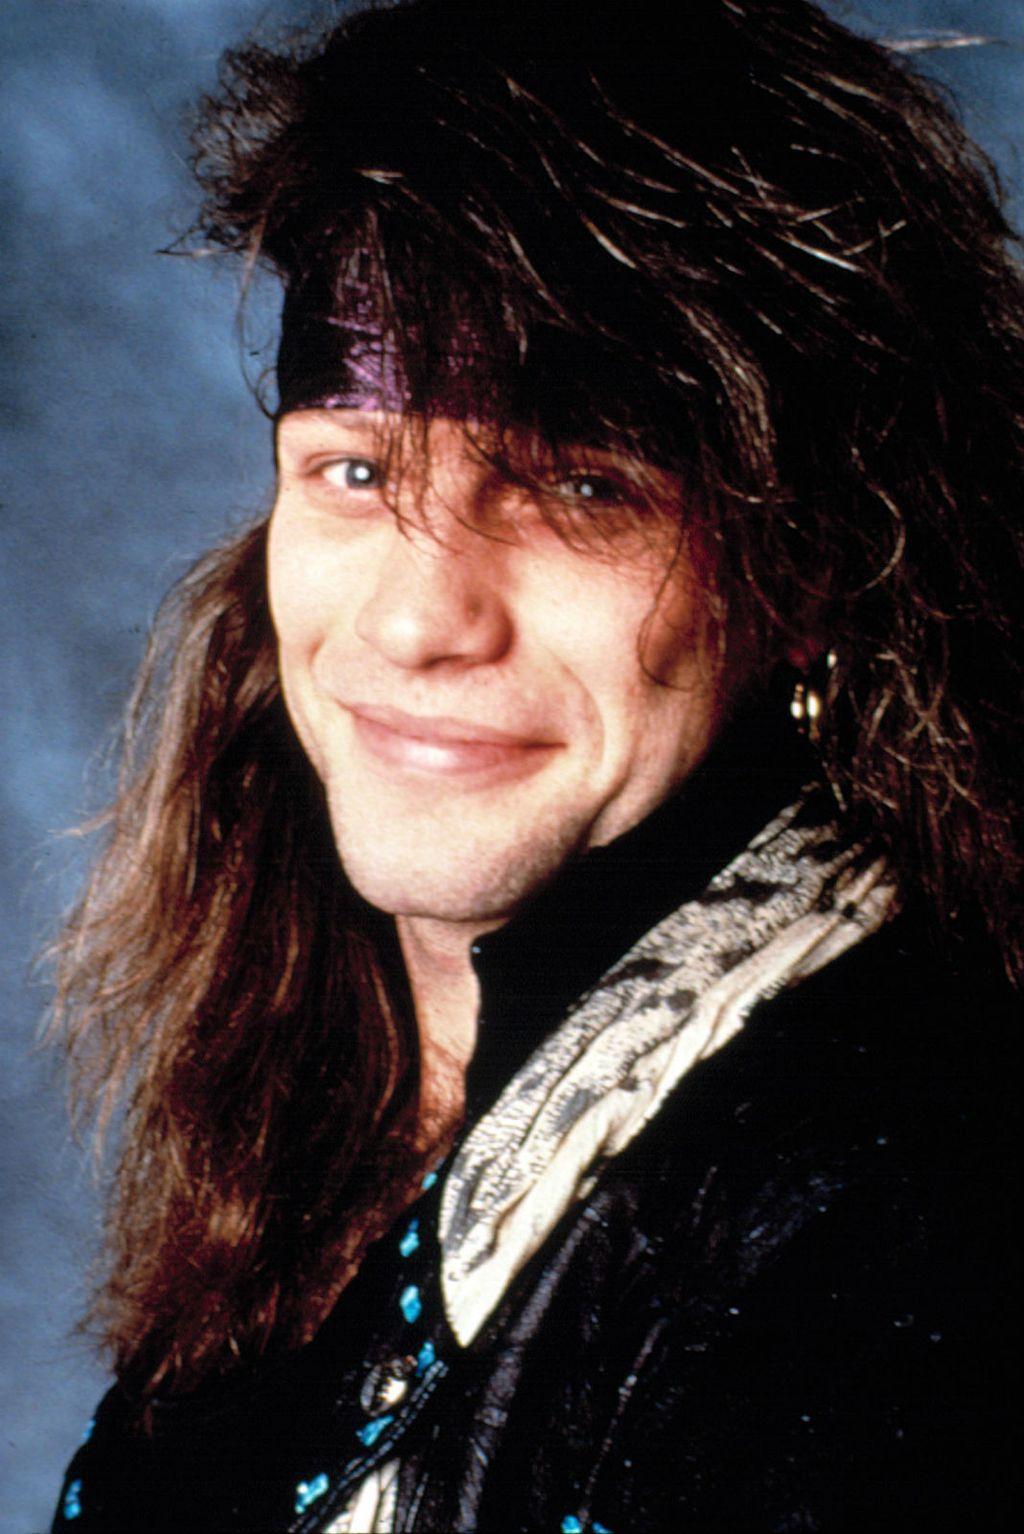 Jon Bon Jovi nekad i sad - 10